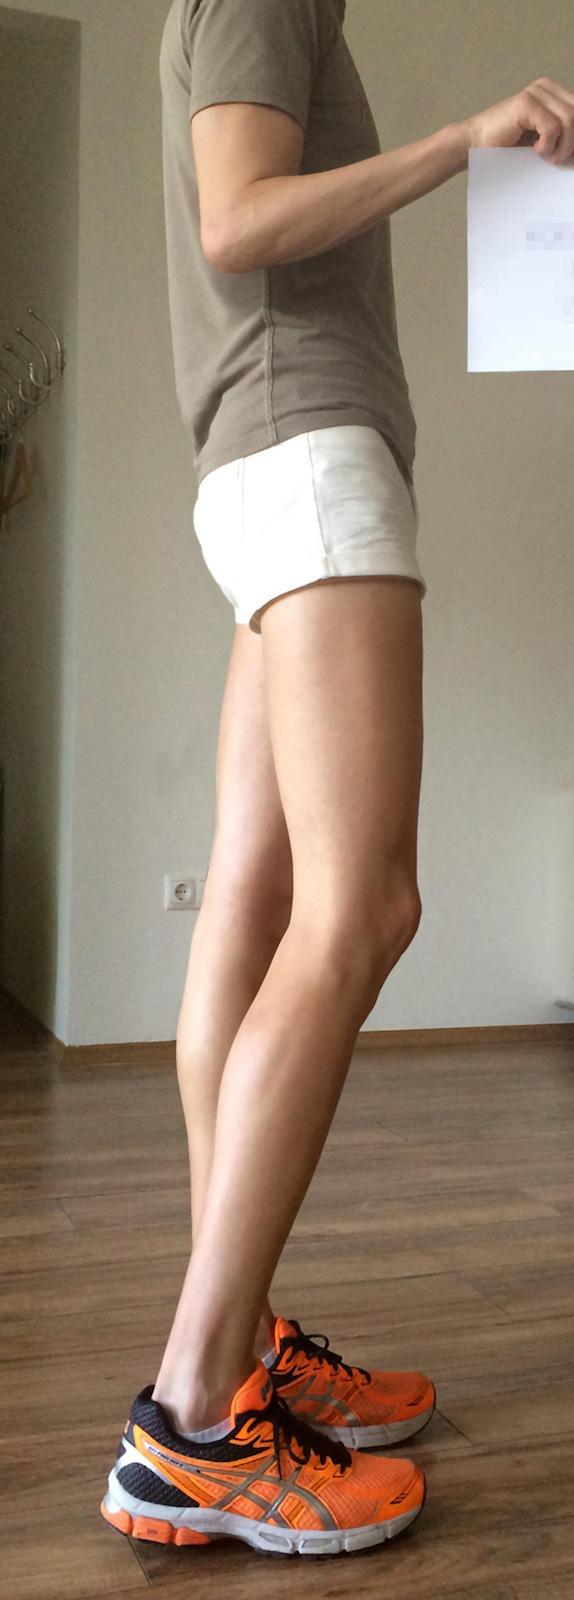 Is it weird if a dude wears girls shorts?